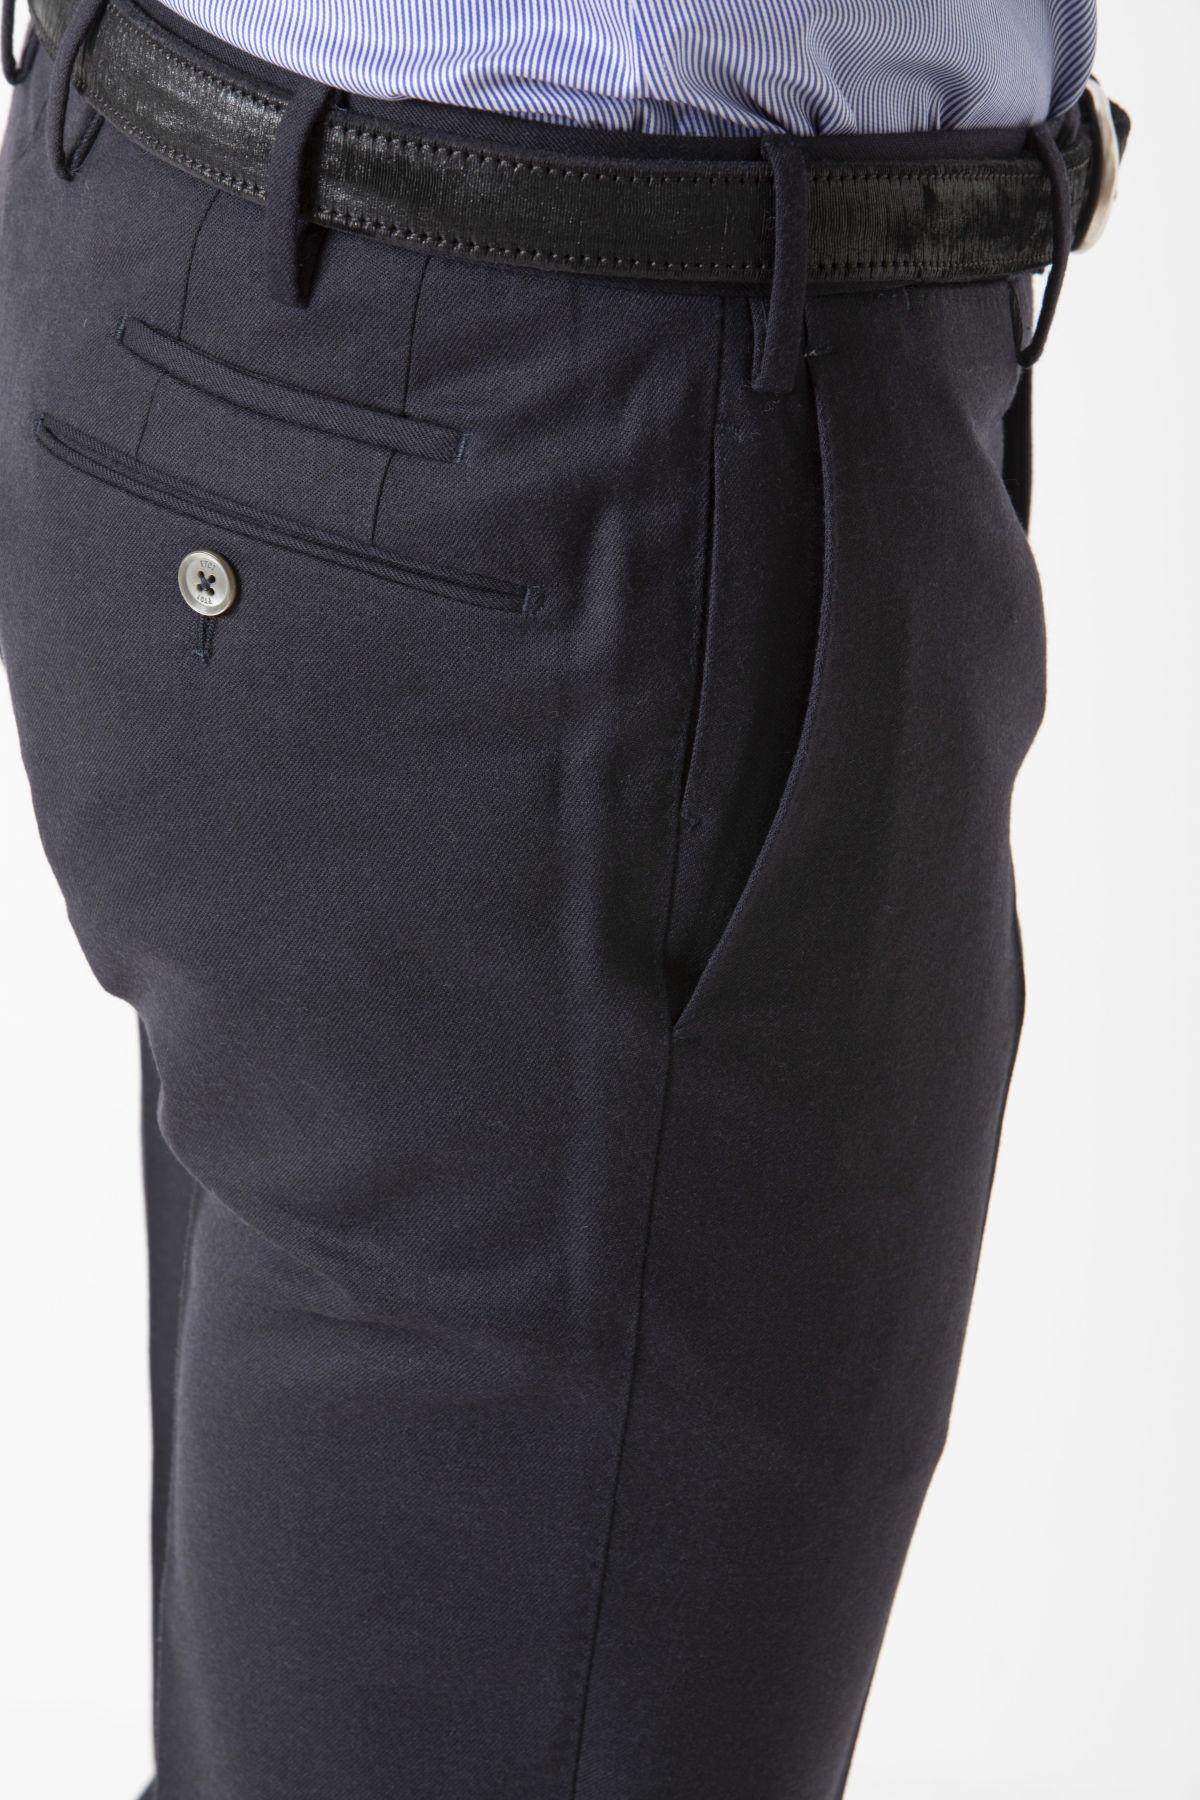 Pantaloni per uomo PT01 A/I